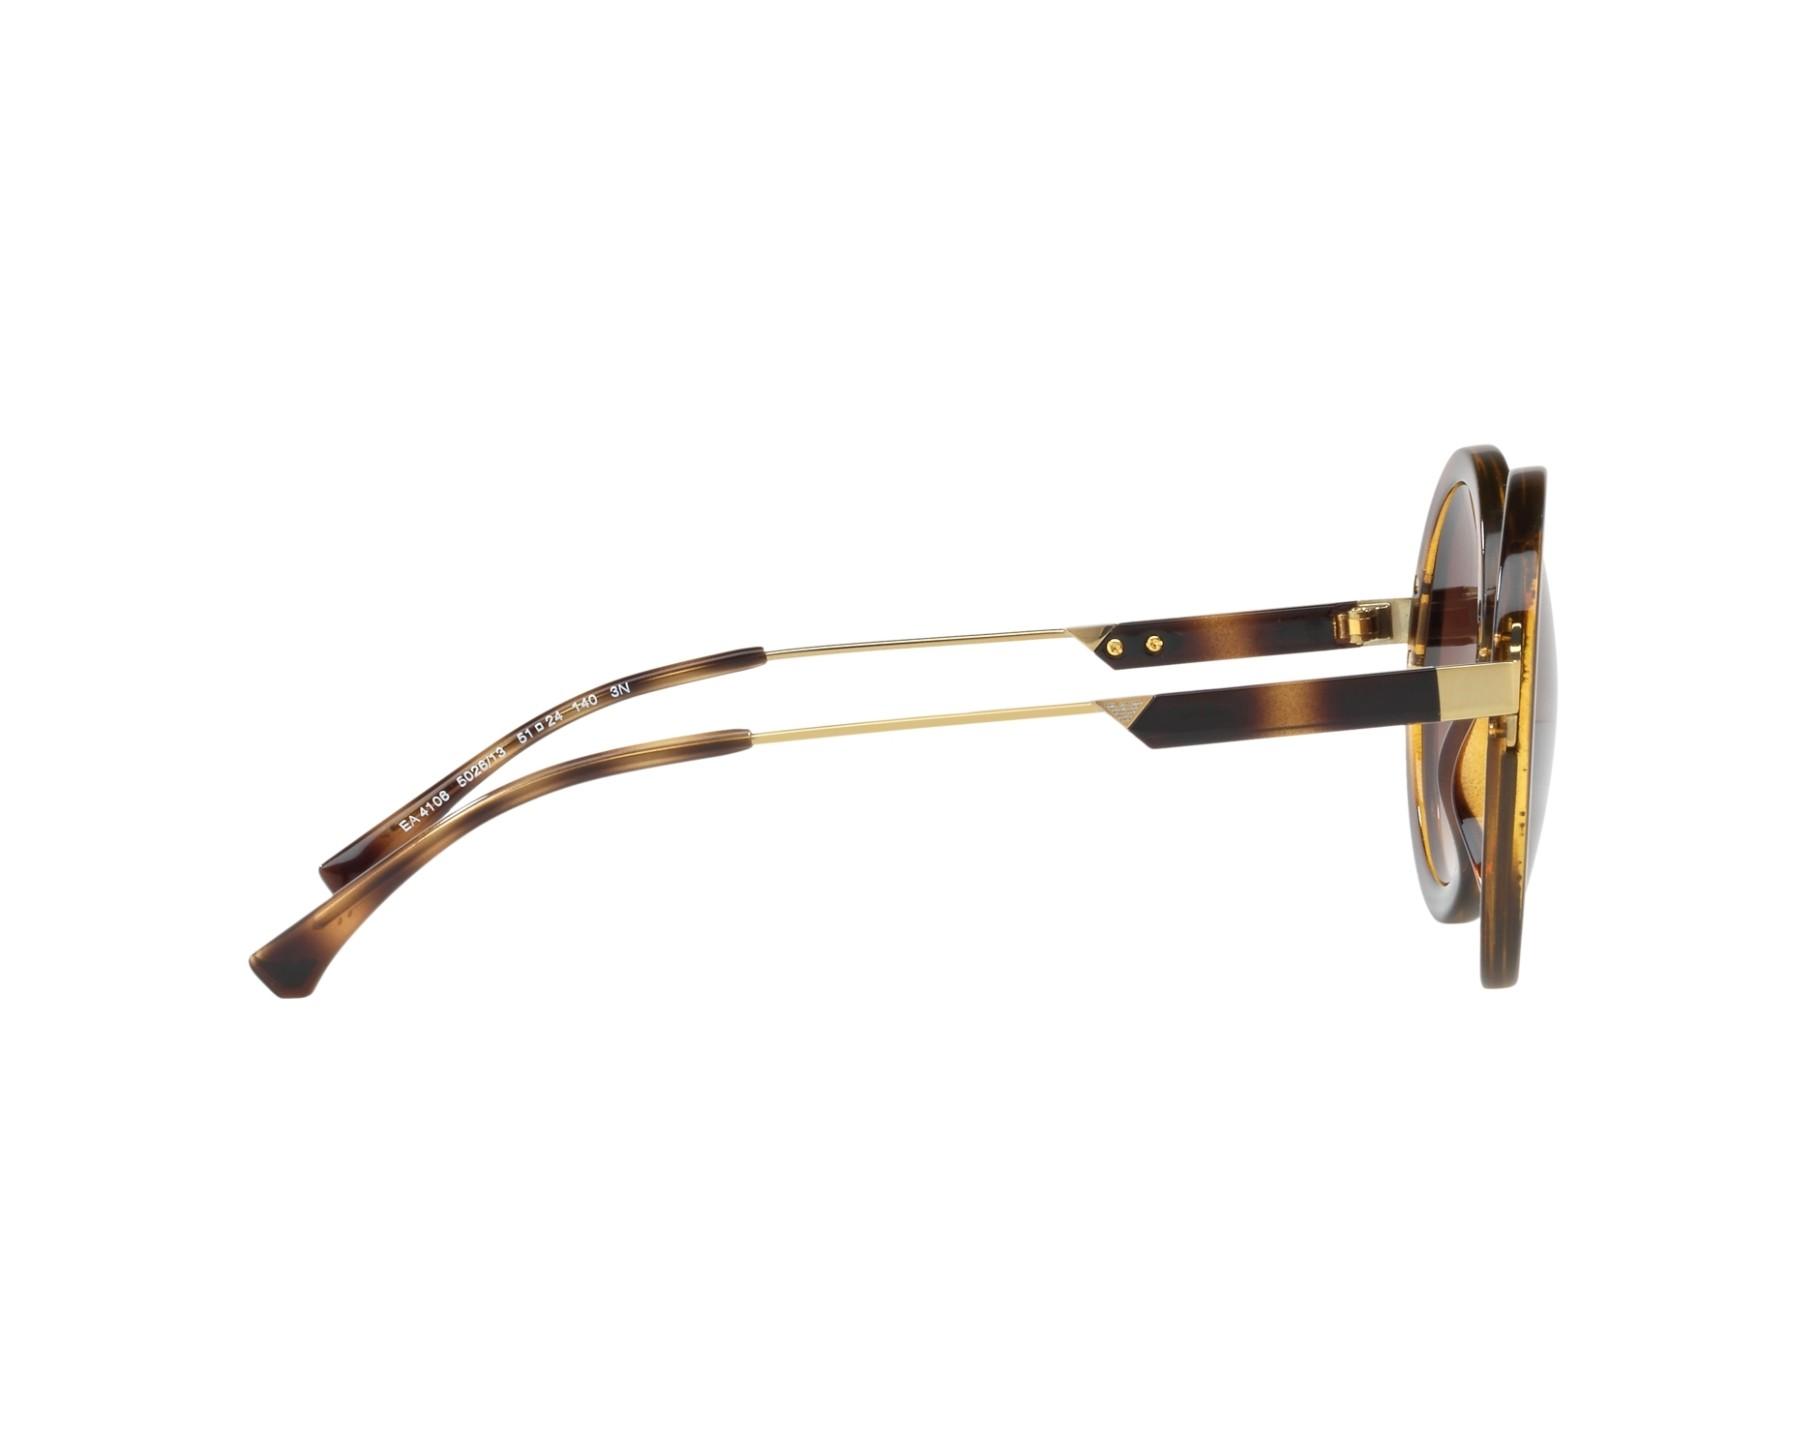 d614db599e3f Sunglasses Emporio Armani EA-4106 502613 51-24 Havana Gold 360 degree view  10